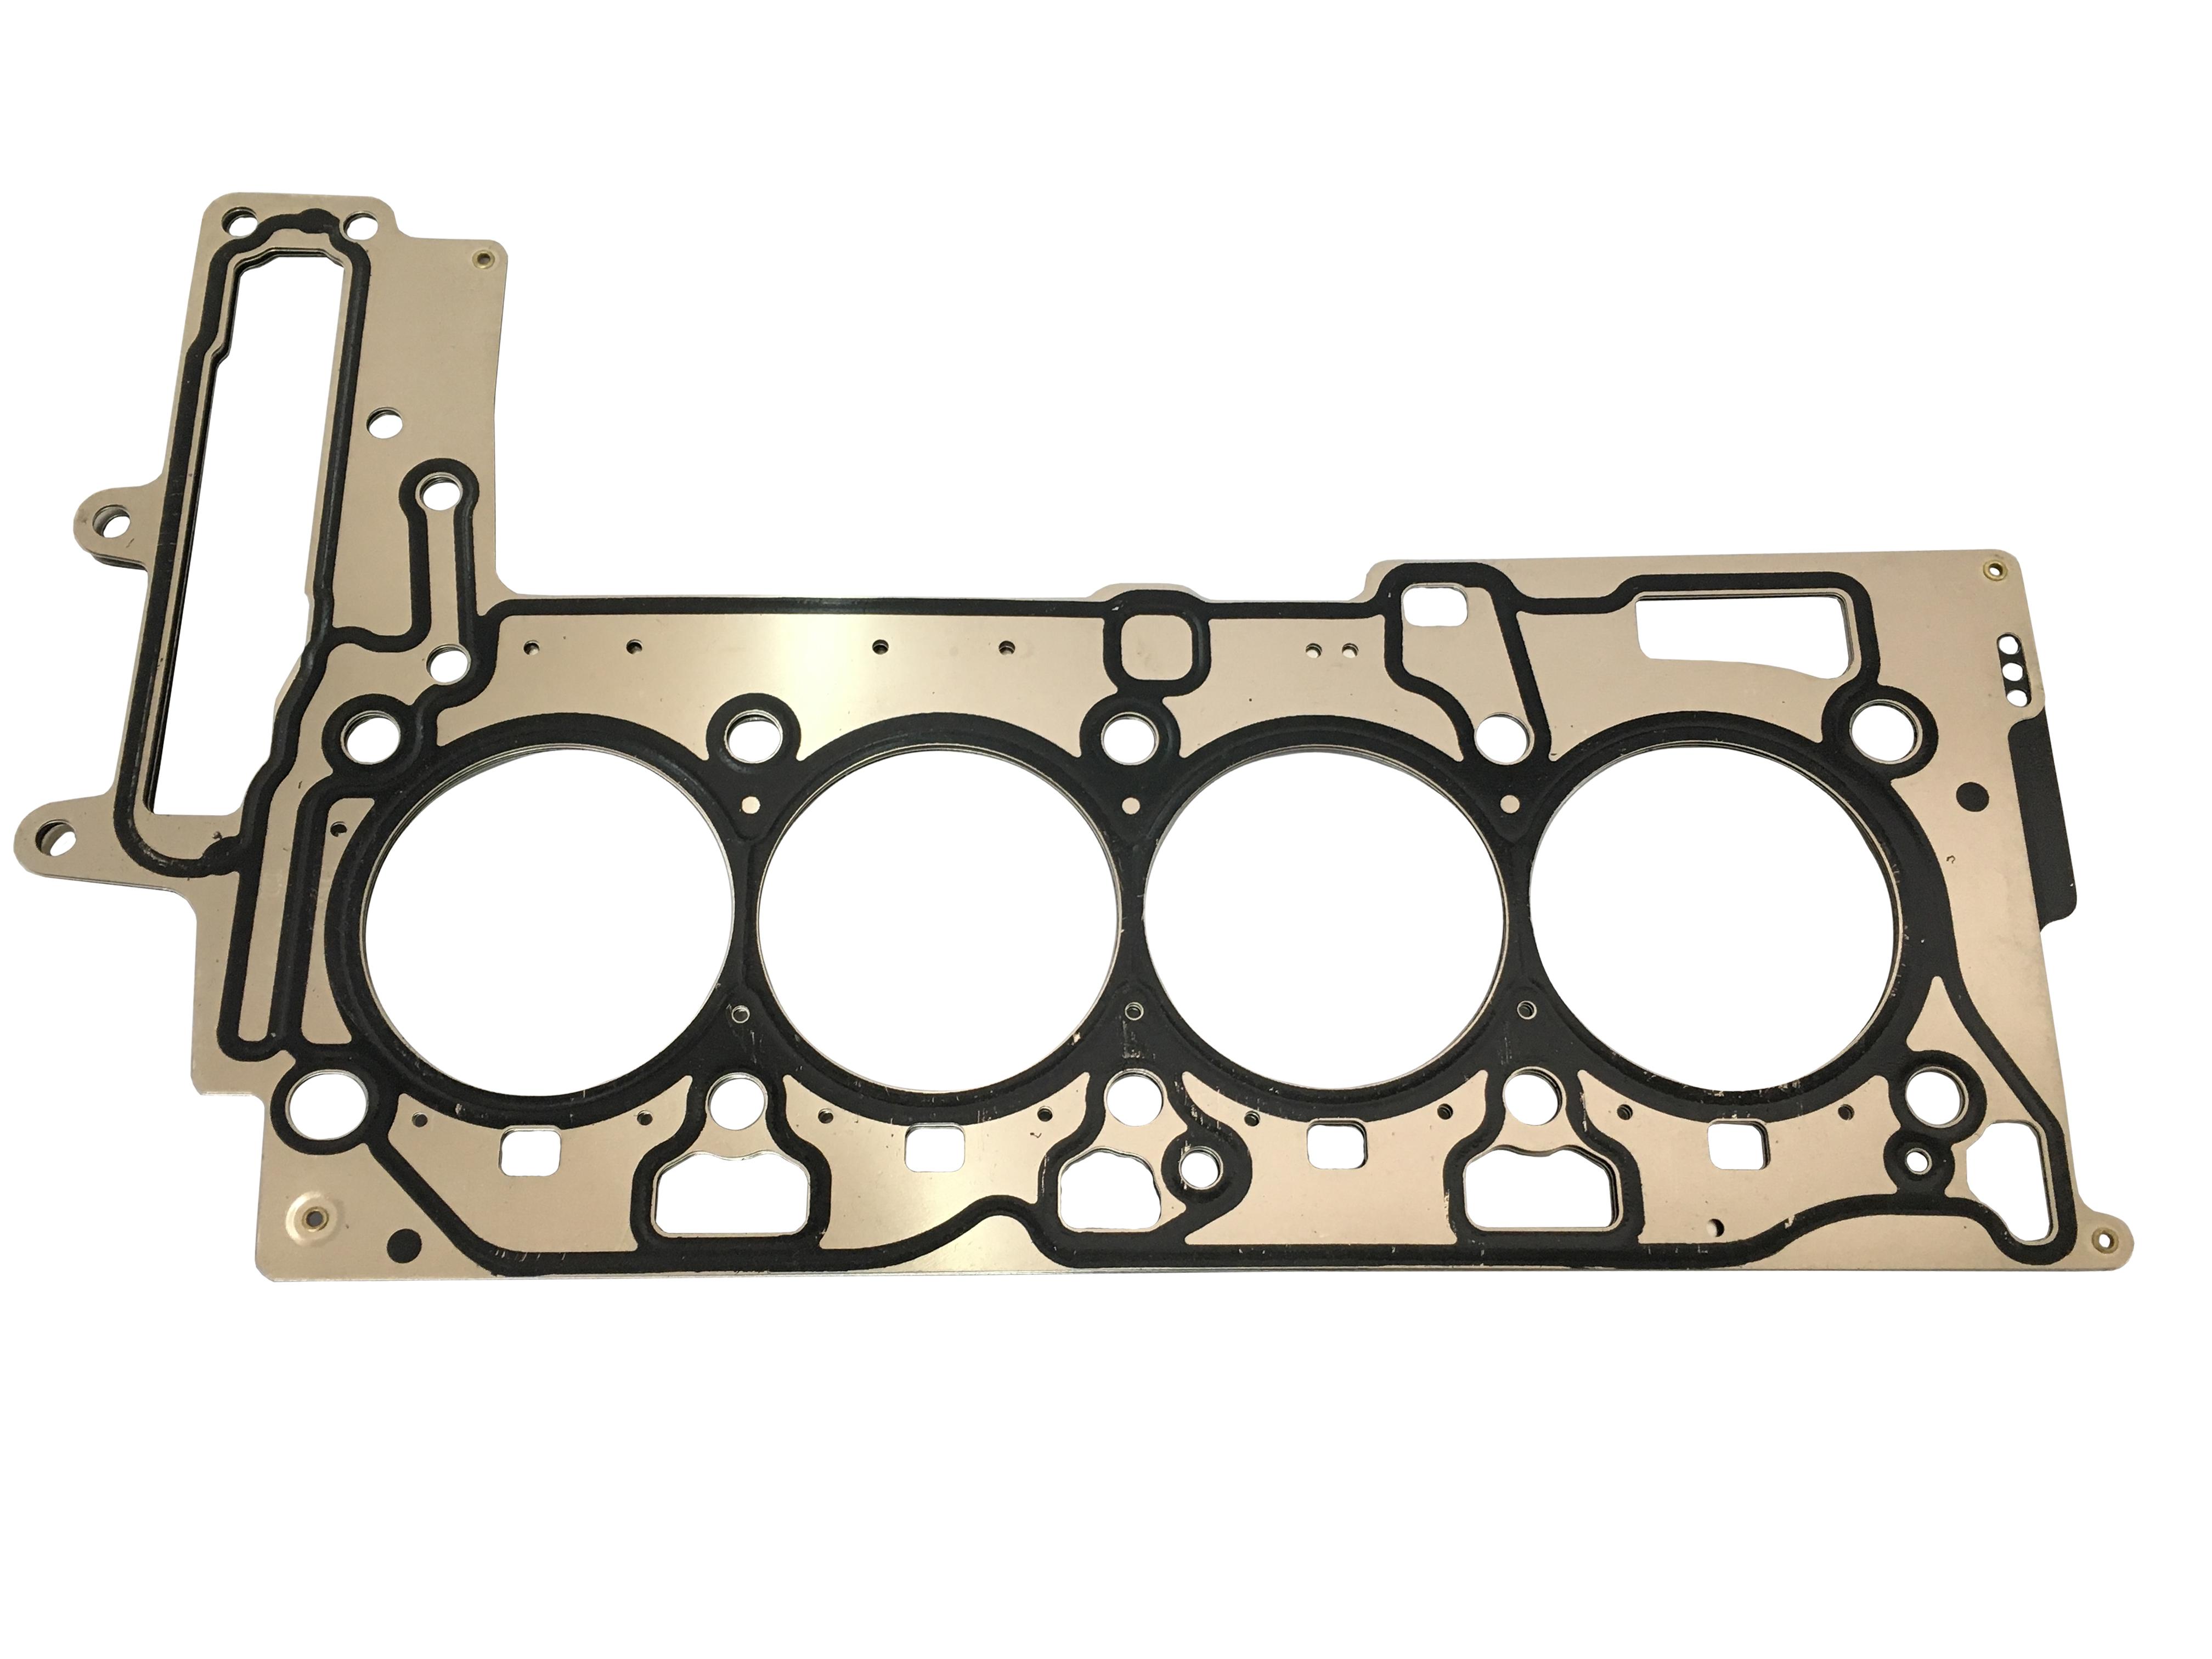 Junta da cabeça do cilindro ZDK Selo BMW série 1 E81 E87 120 123 d 2.0 N47D20A NOVO